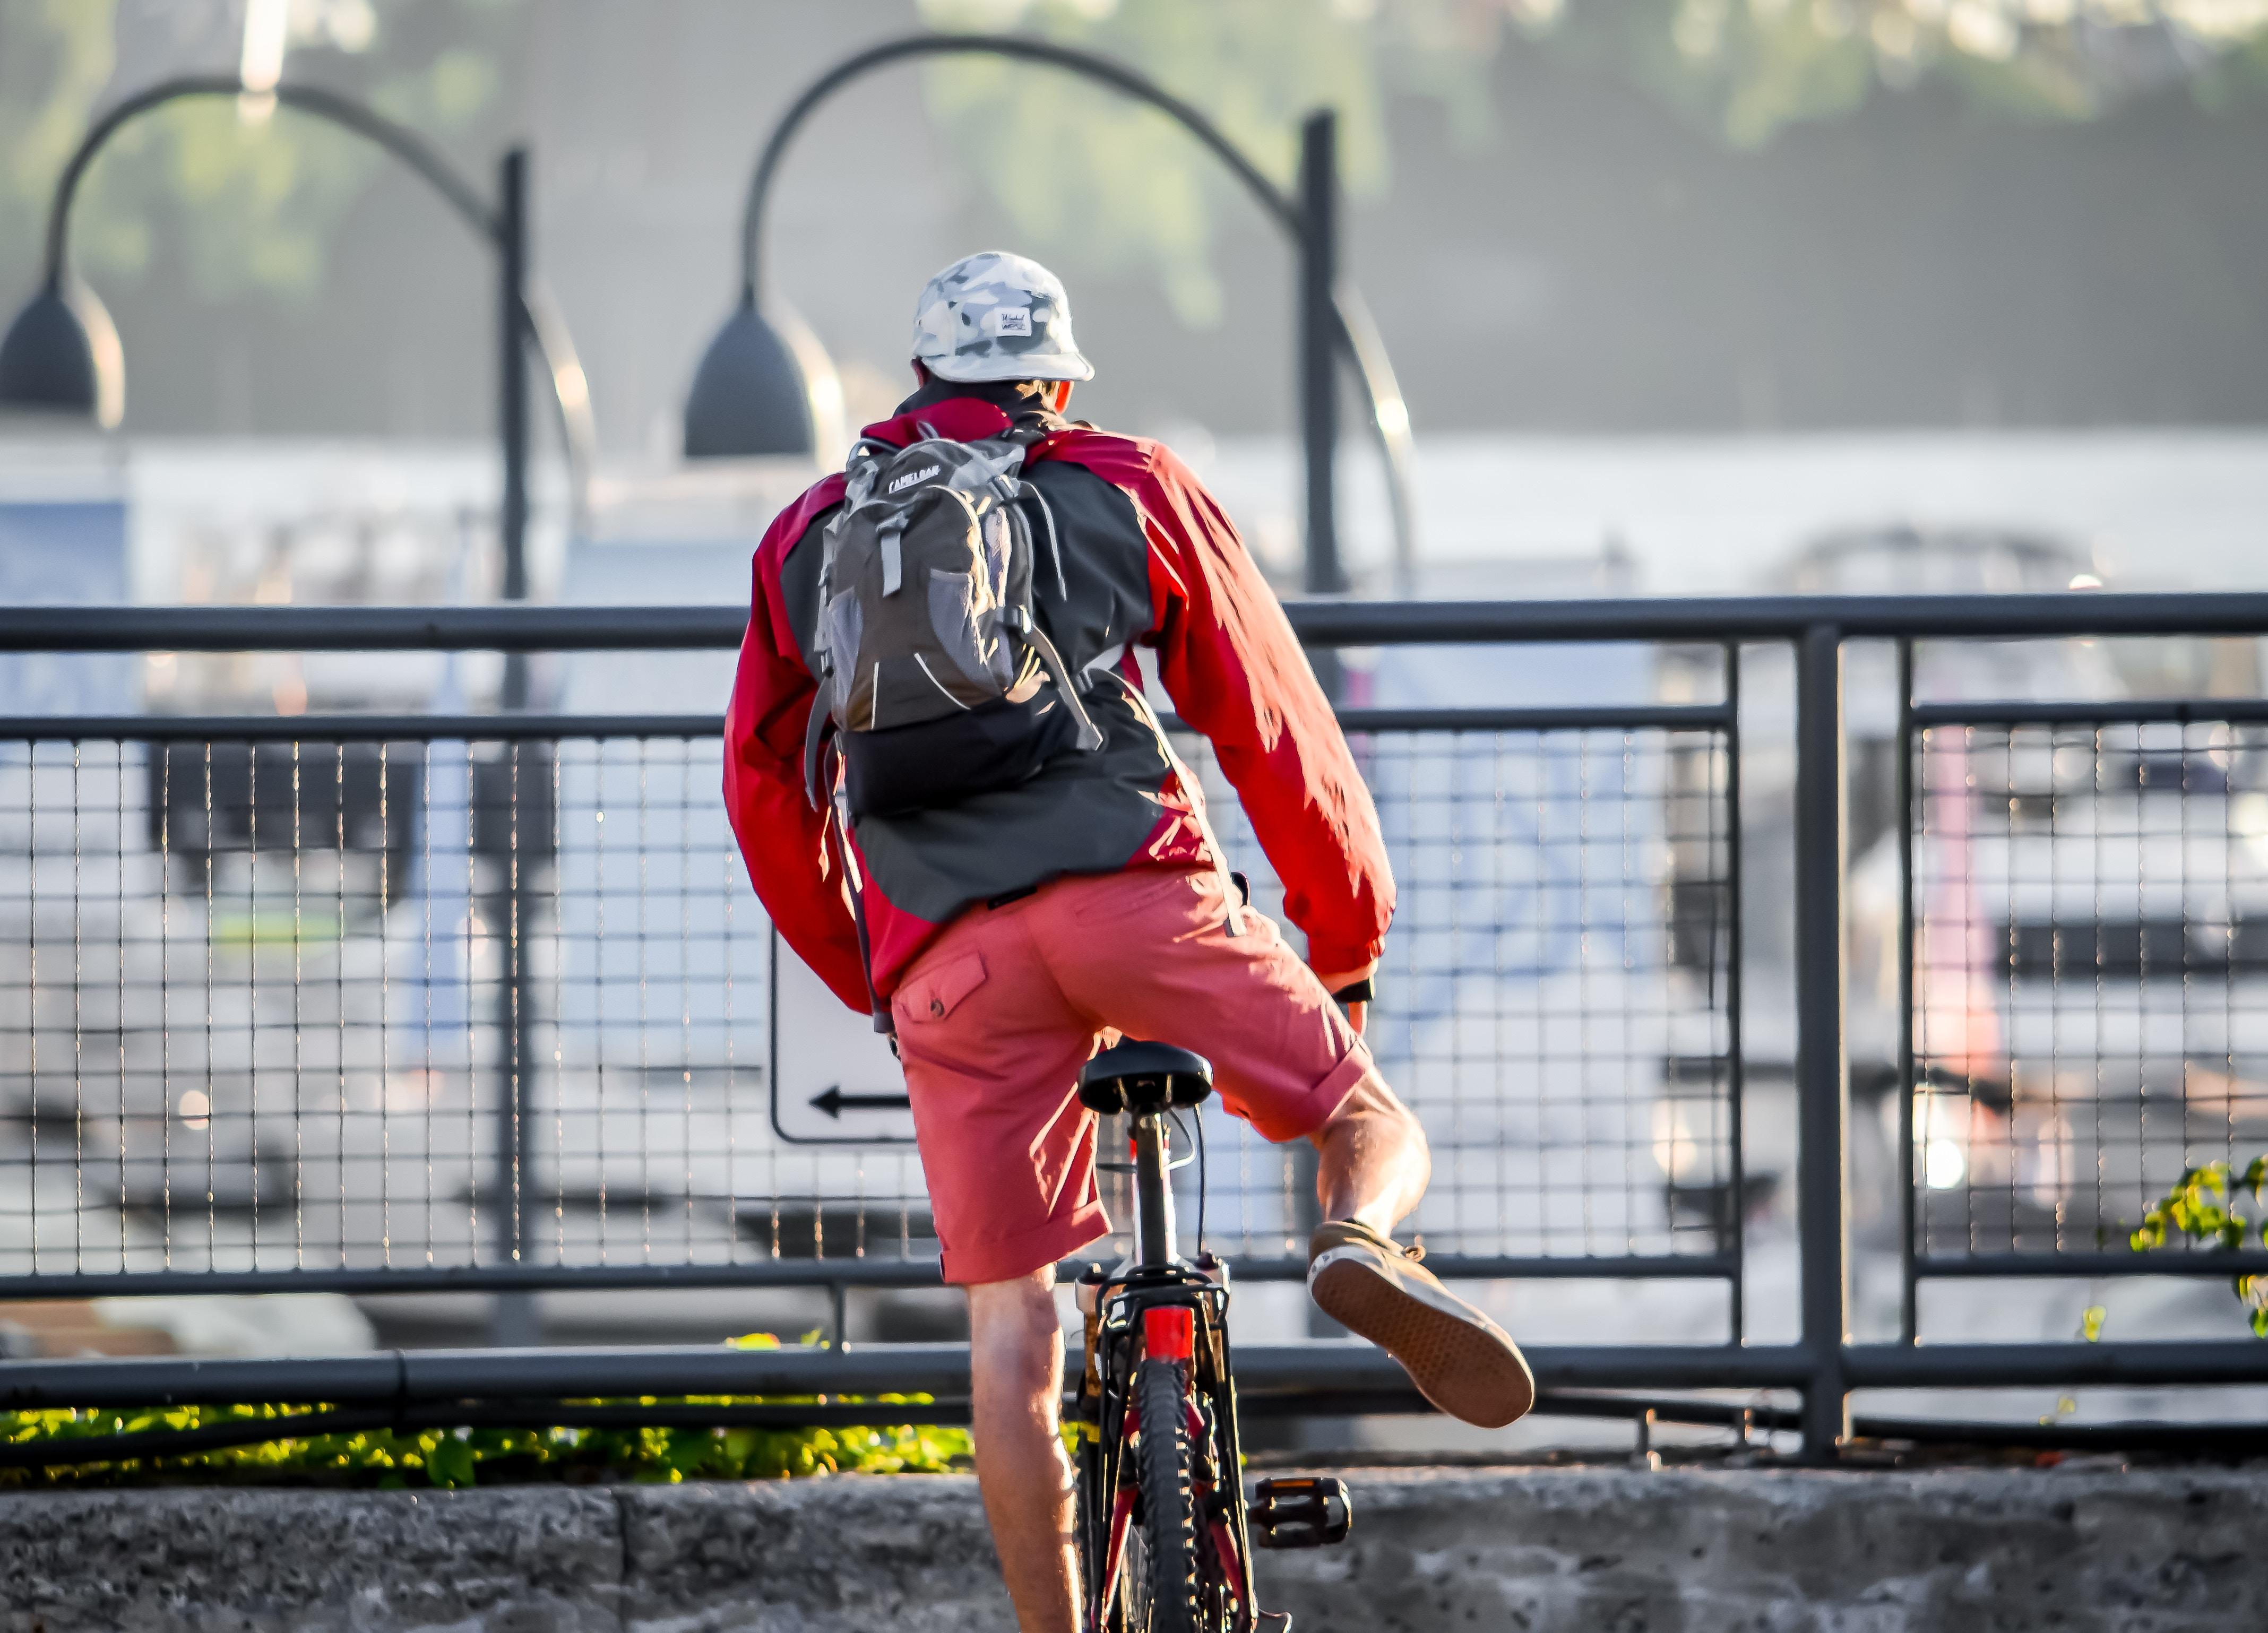 ปั่นจักรยาน สถานที่ปั่นจักรยาน ขี่จักรยาน ที่ปั่นจักรยาน